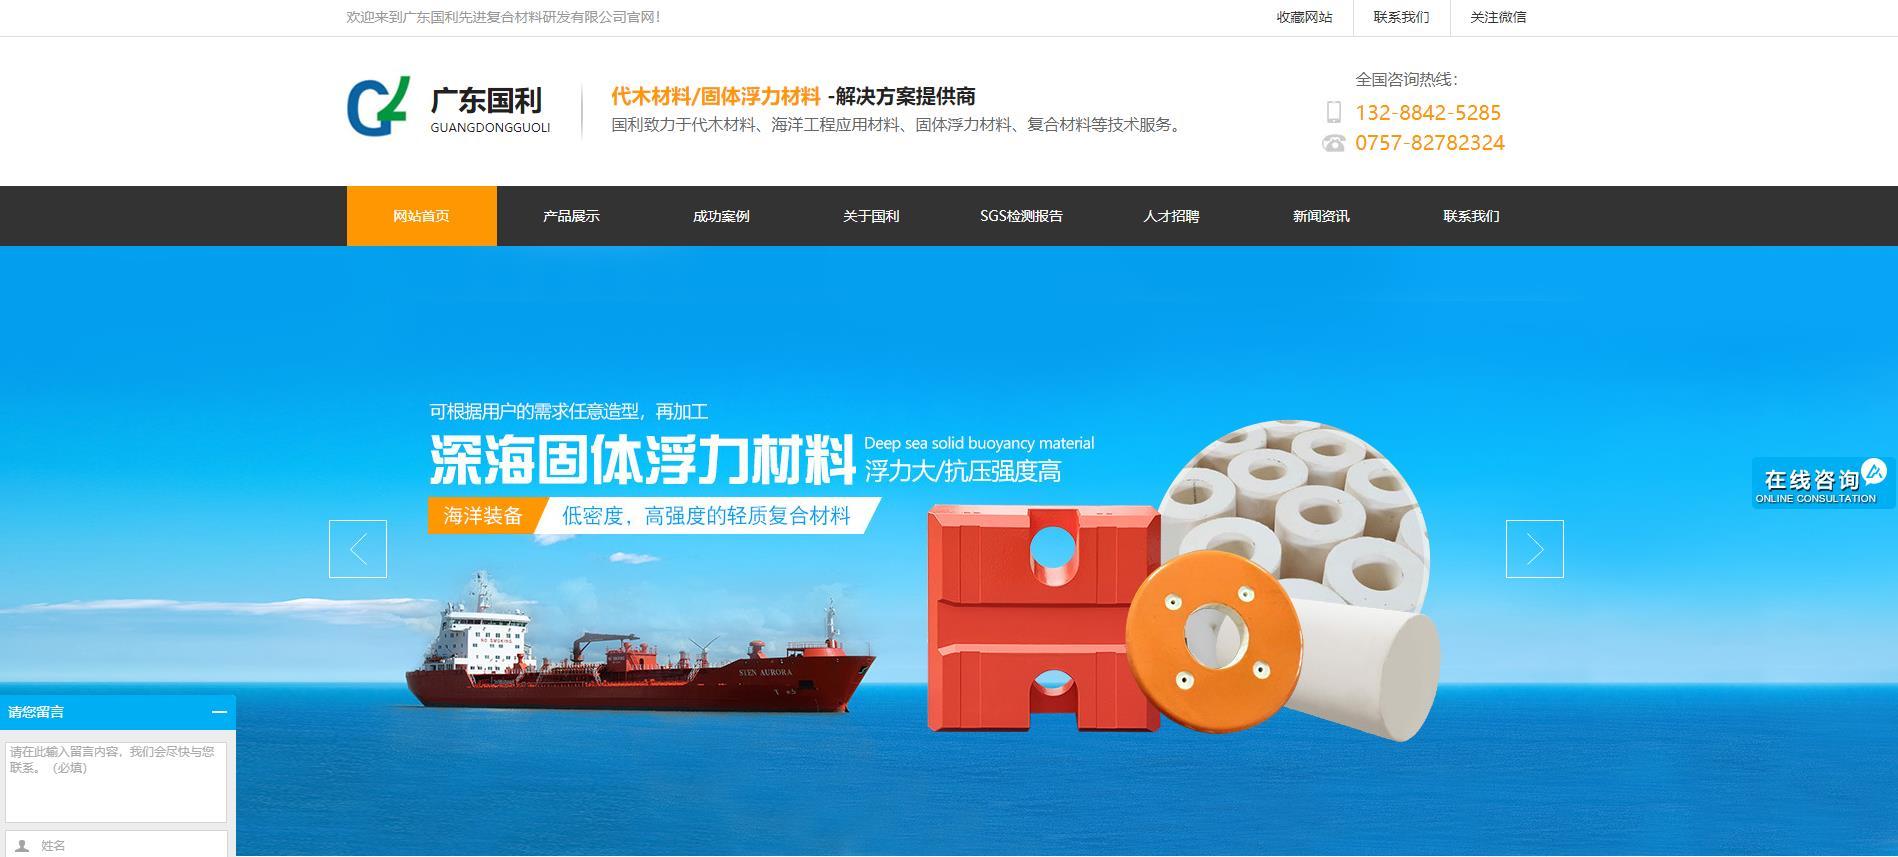 广东国利先进复合材料研发有限公司